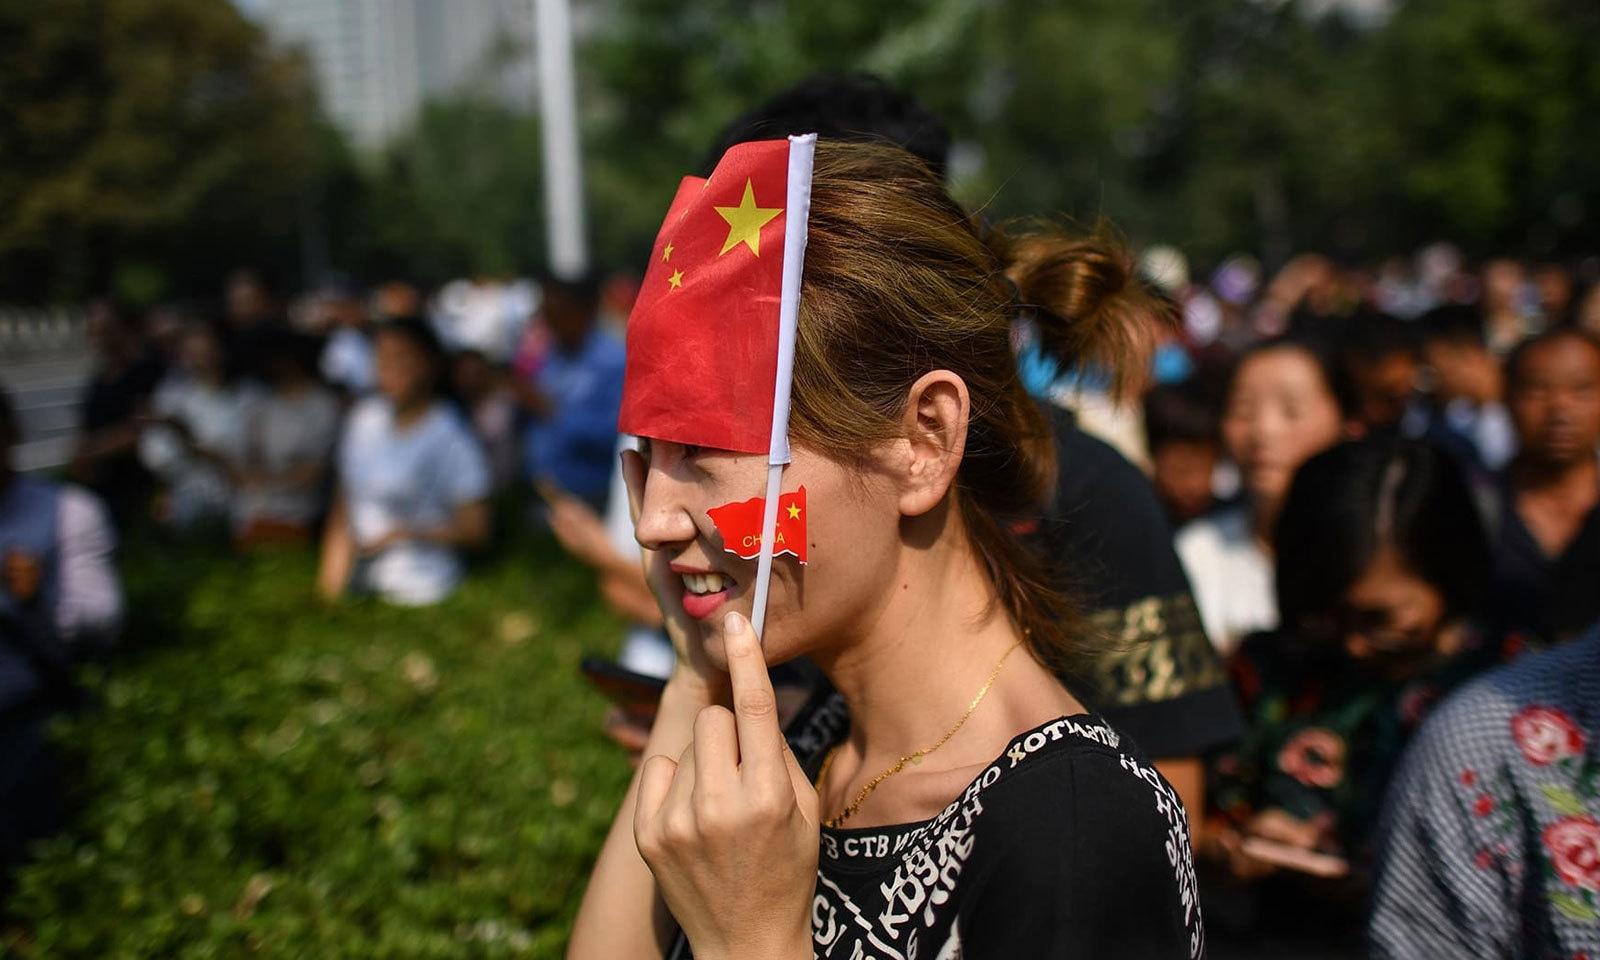 فوجی طاقت کا مظاہرہ دیکھنے کے لیے عوام کی بڑی تعداد نے تقریب میں شرکت کی — فوٹو: اے ایف پی